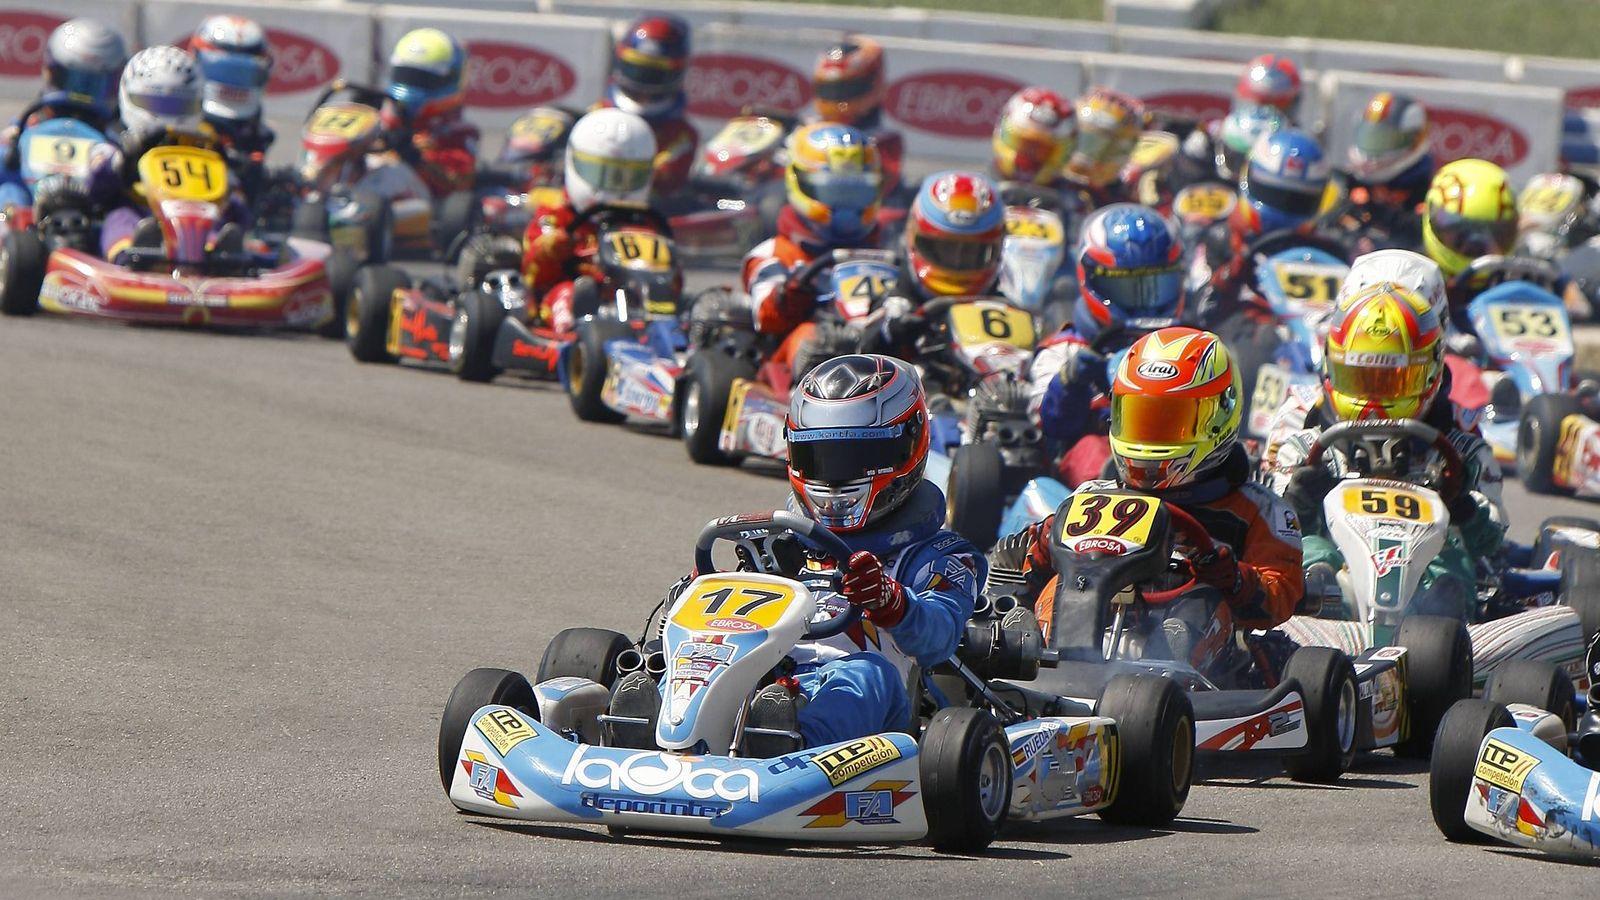 Circuito Fernando Alonso : Muere un niño de 10 años cuando entrenaba en el circuito de karts de